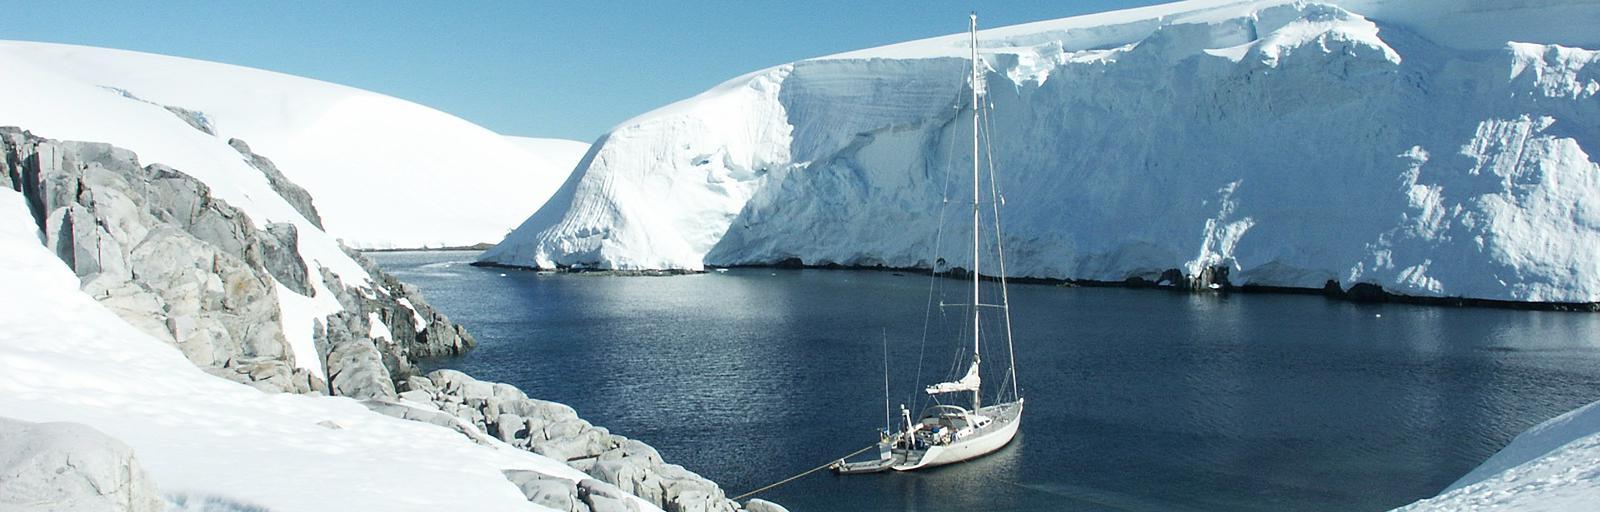 AYC Yachtbrokers - SLOOP VATON 78'